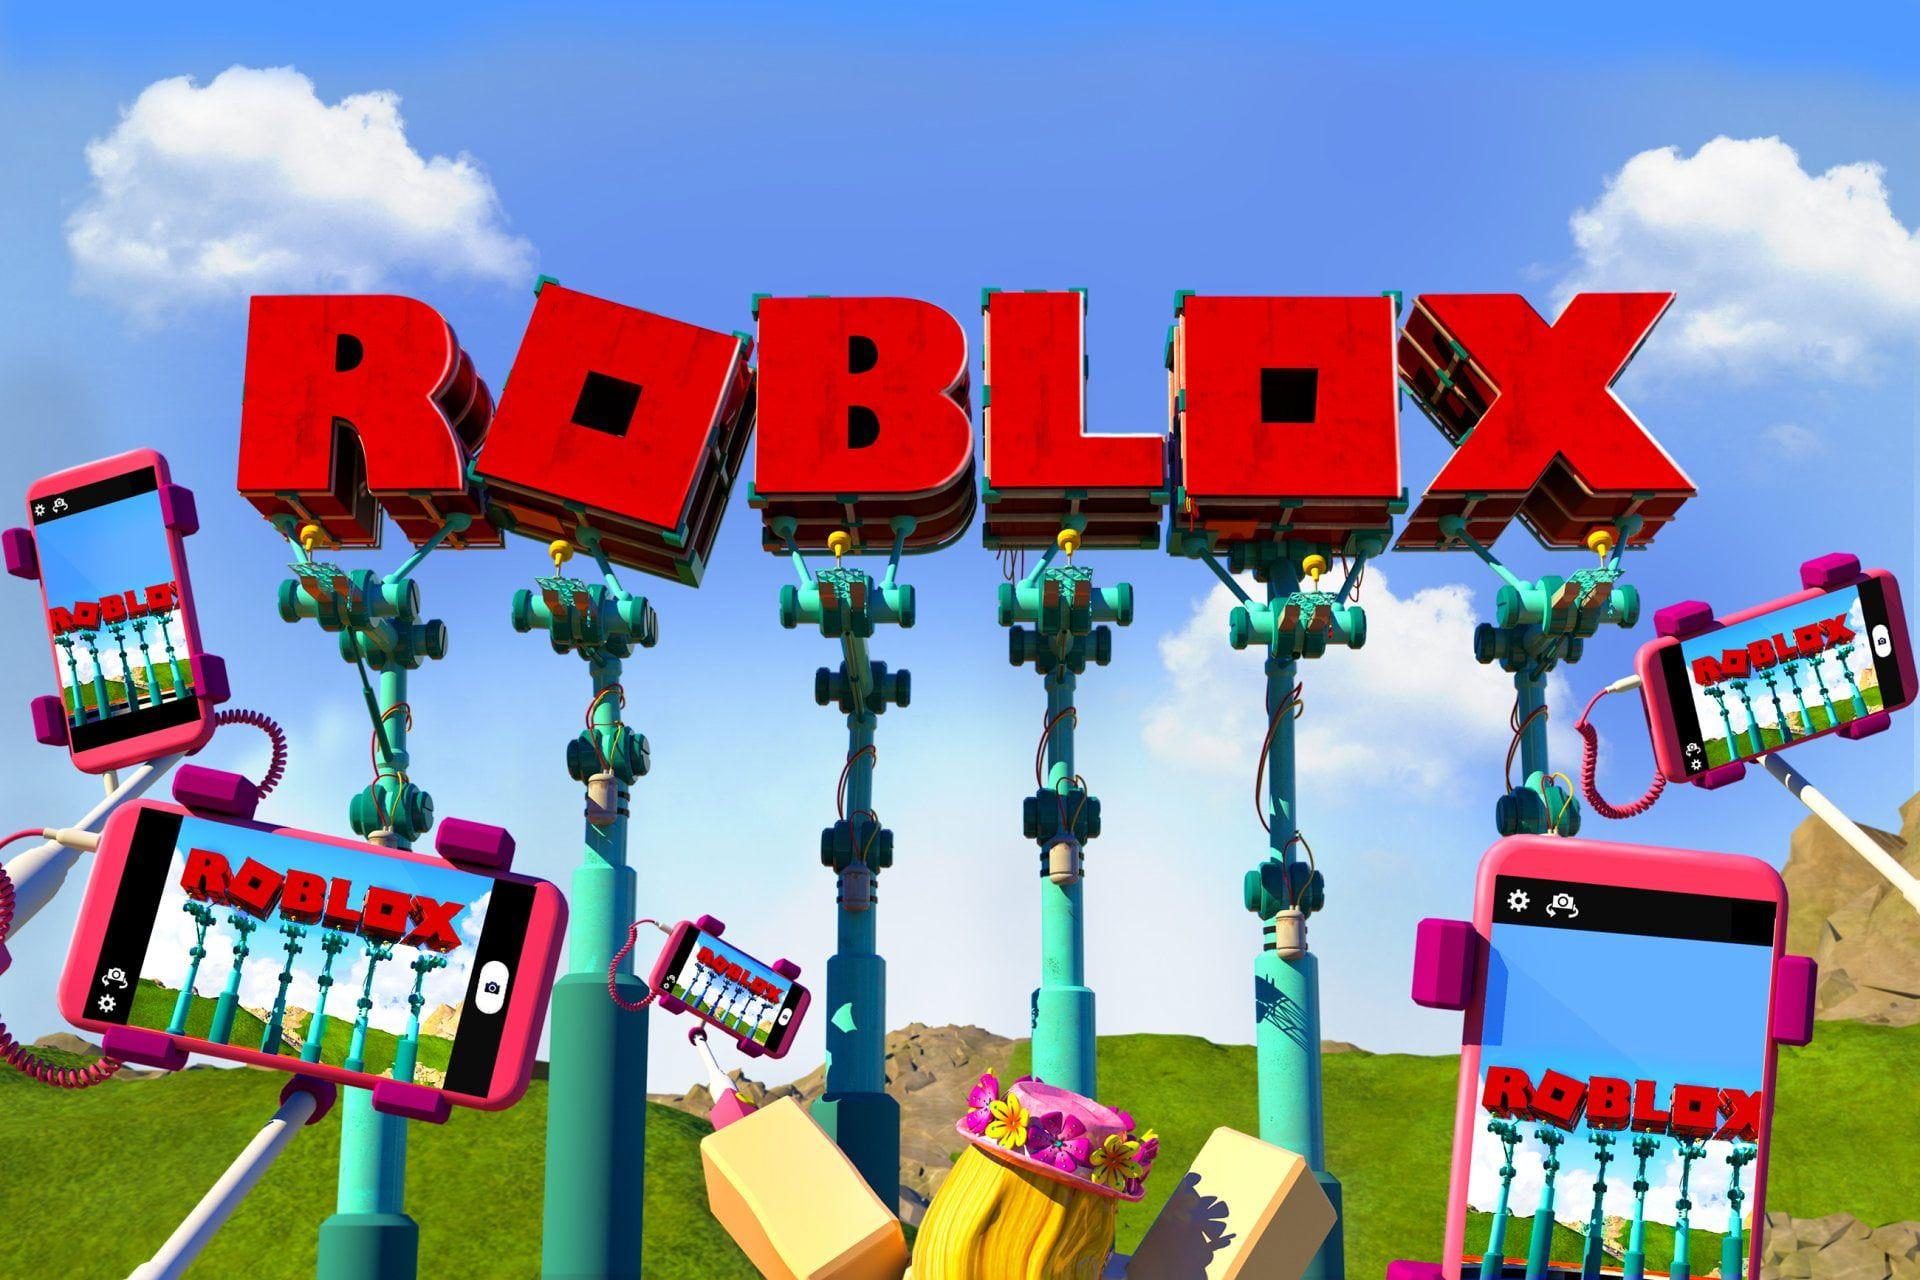 Wallpaper video game roblox sky in 2021 roblox retro